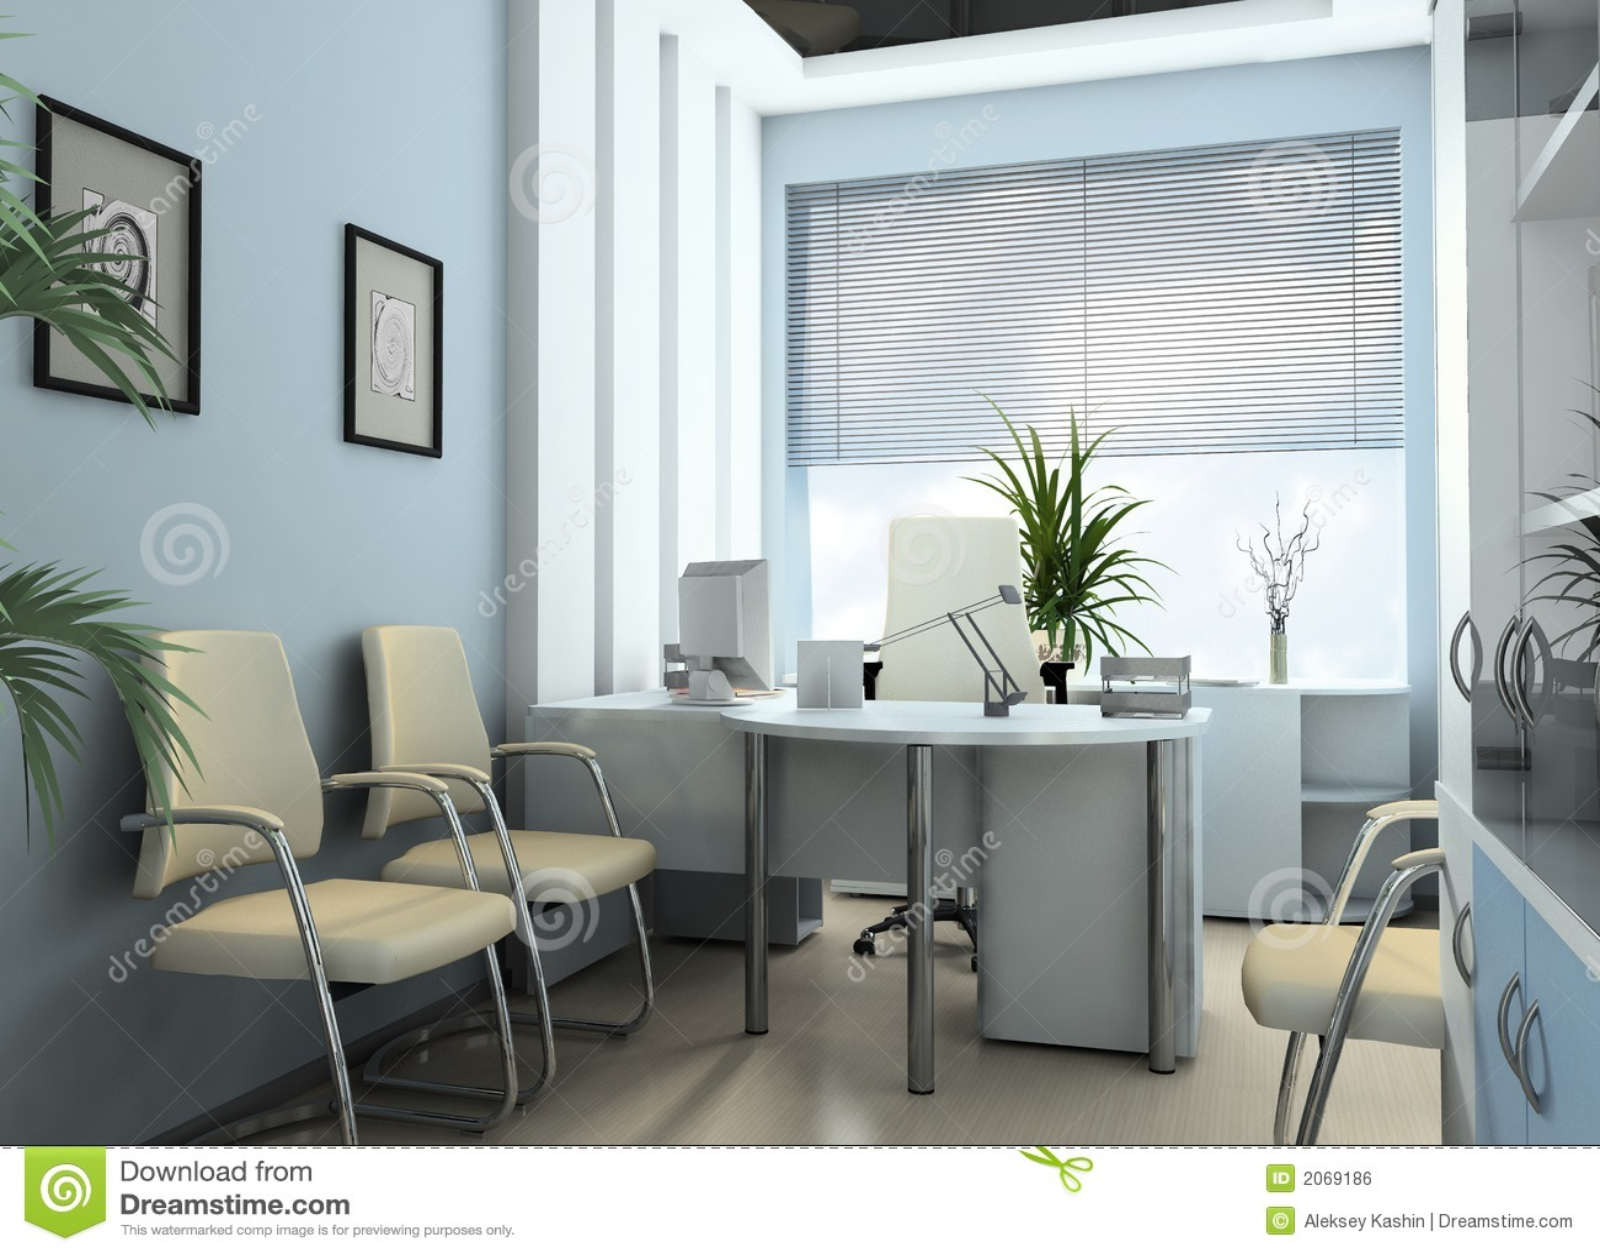 Oficina moderna del contador imagen de archivo libre de for Fotos de oficinas pequenas modernas